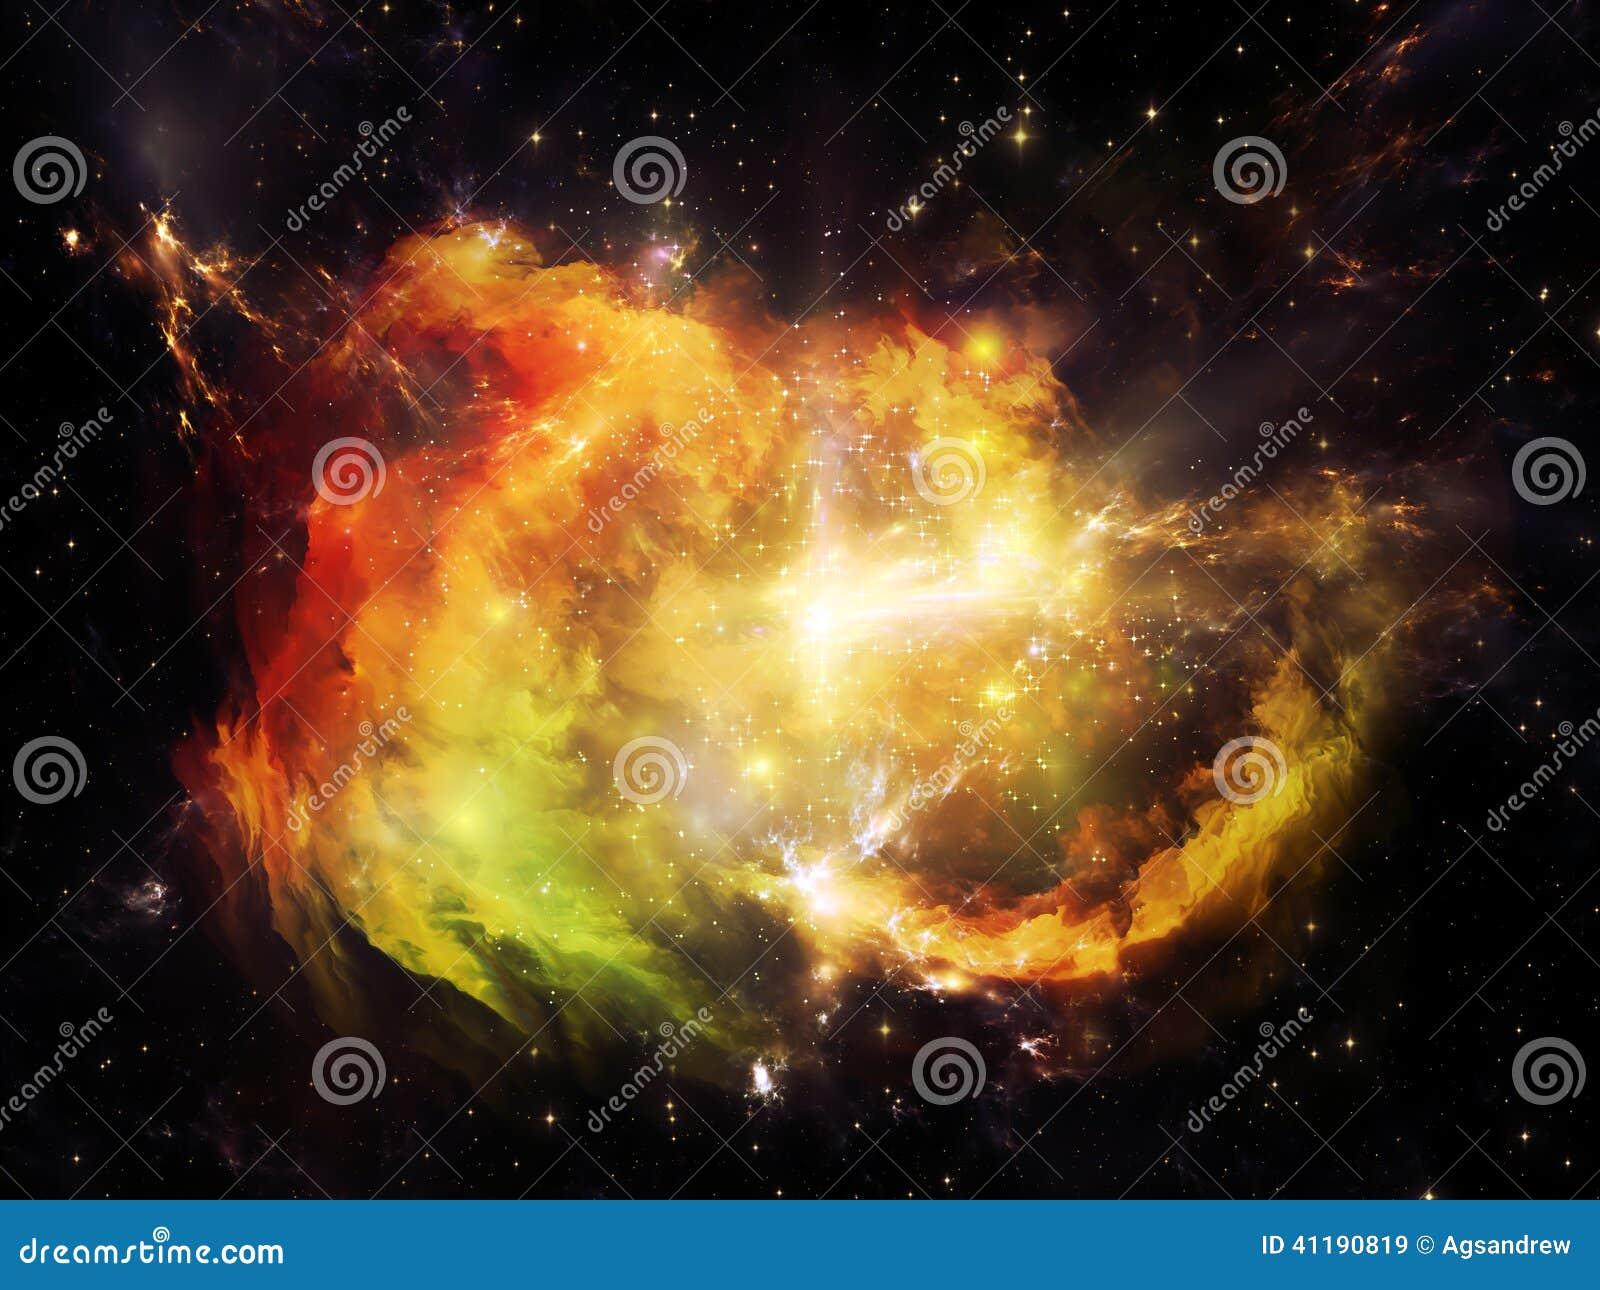 Exploding Nebula Stock Photo - Image: 41190819